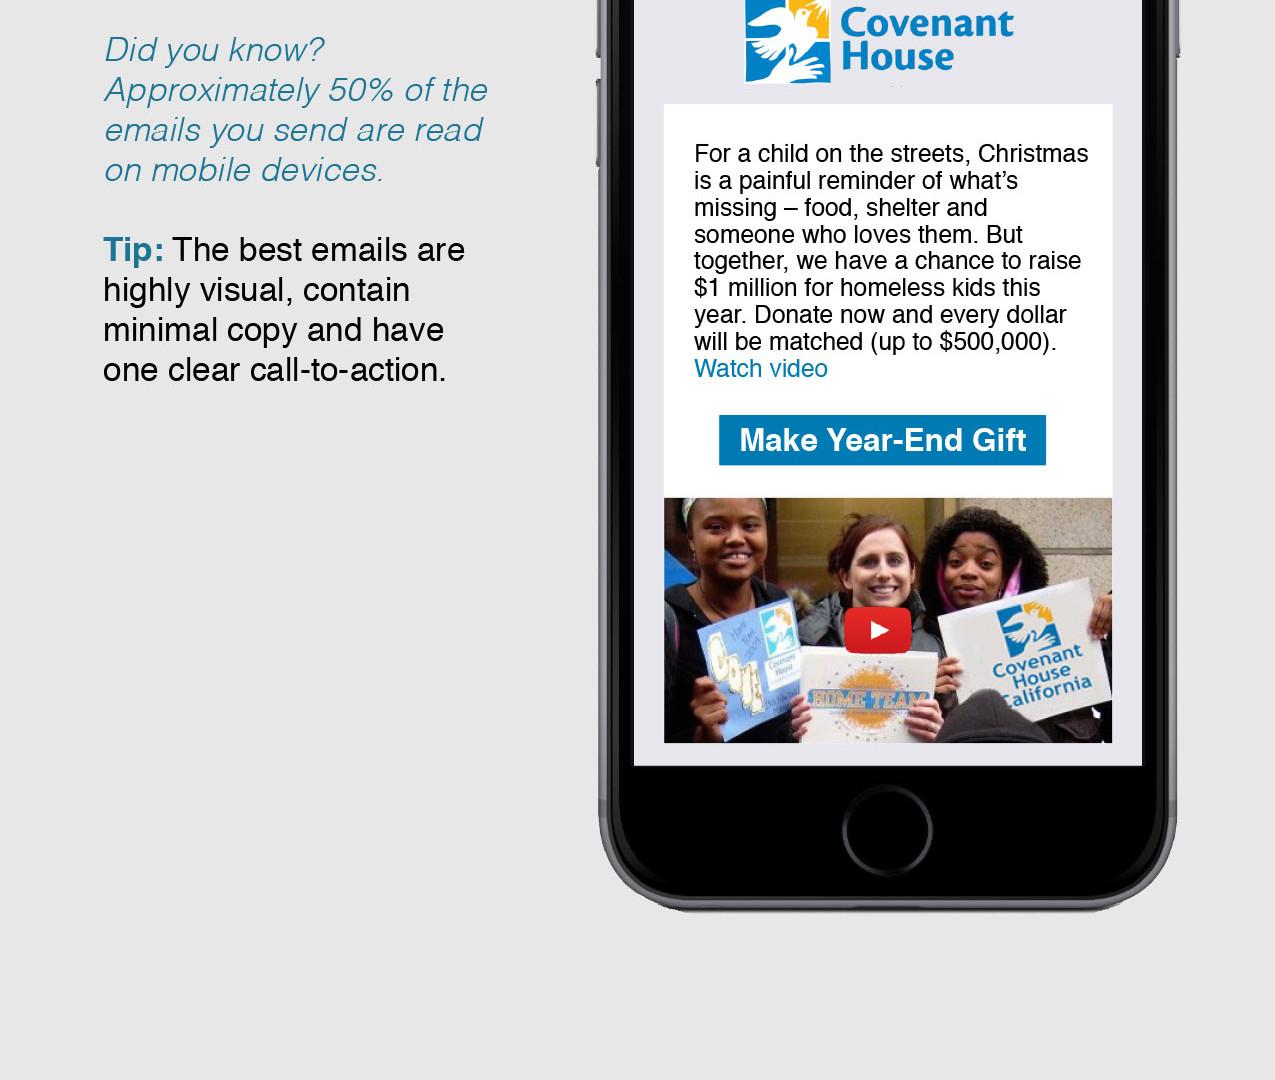 Mobile_Fundraising_Guide-6.jpg